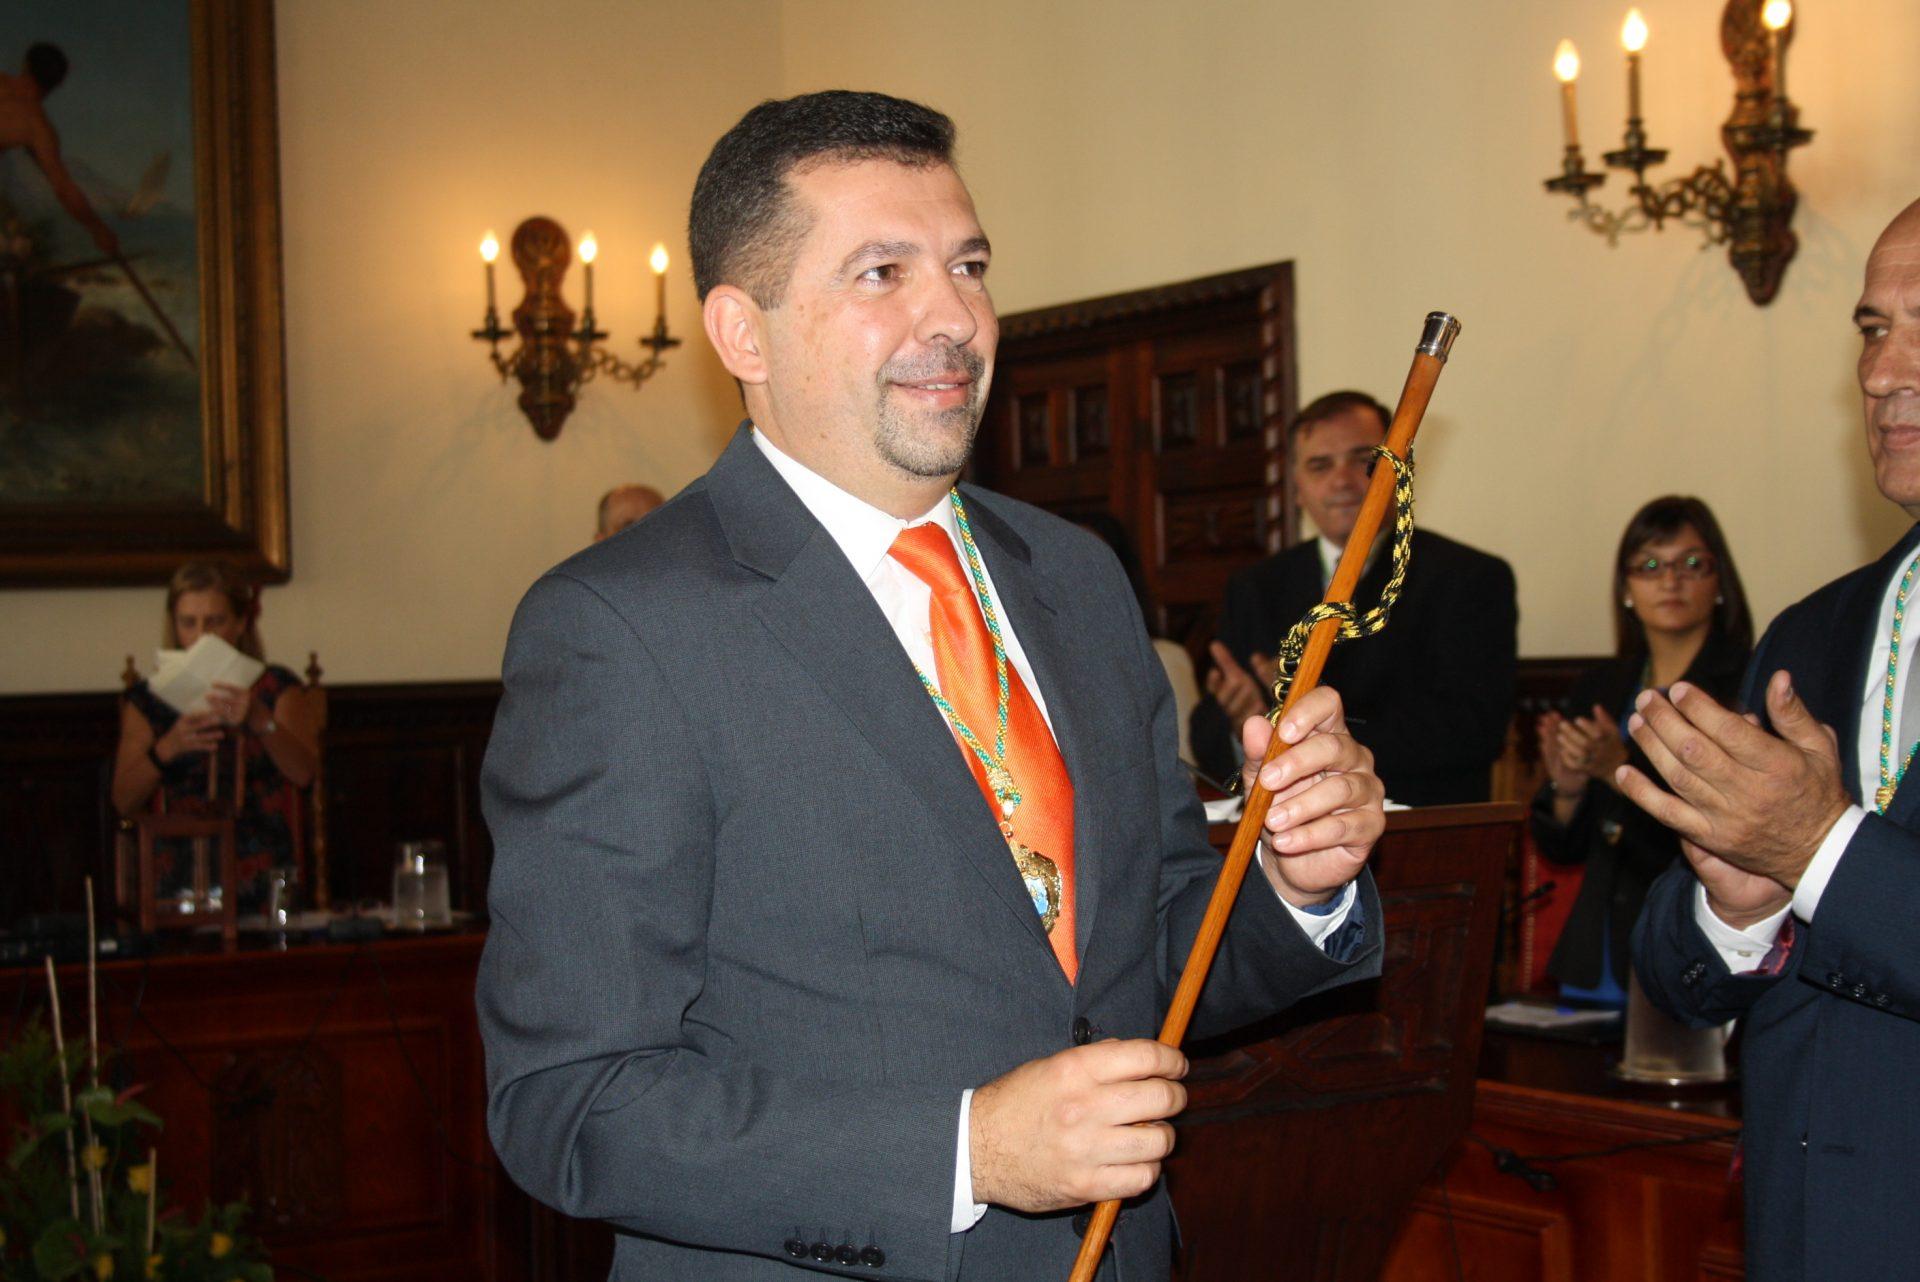 El alcalde de Santa Cruz de La Palma, Juanjo Cabrera Guelmes (PP), en su toma de posesión del bastón de mando en la capital palmera (2019). DA